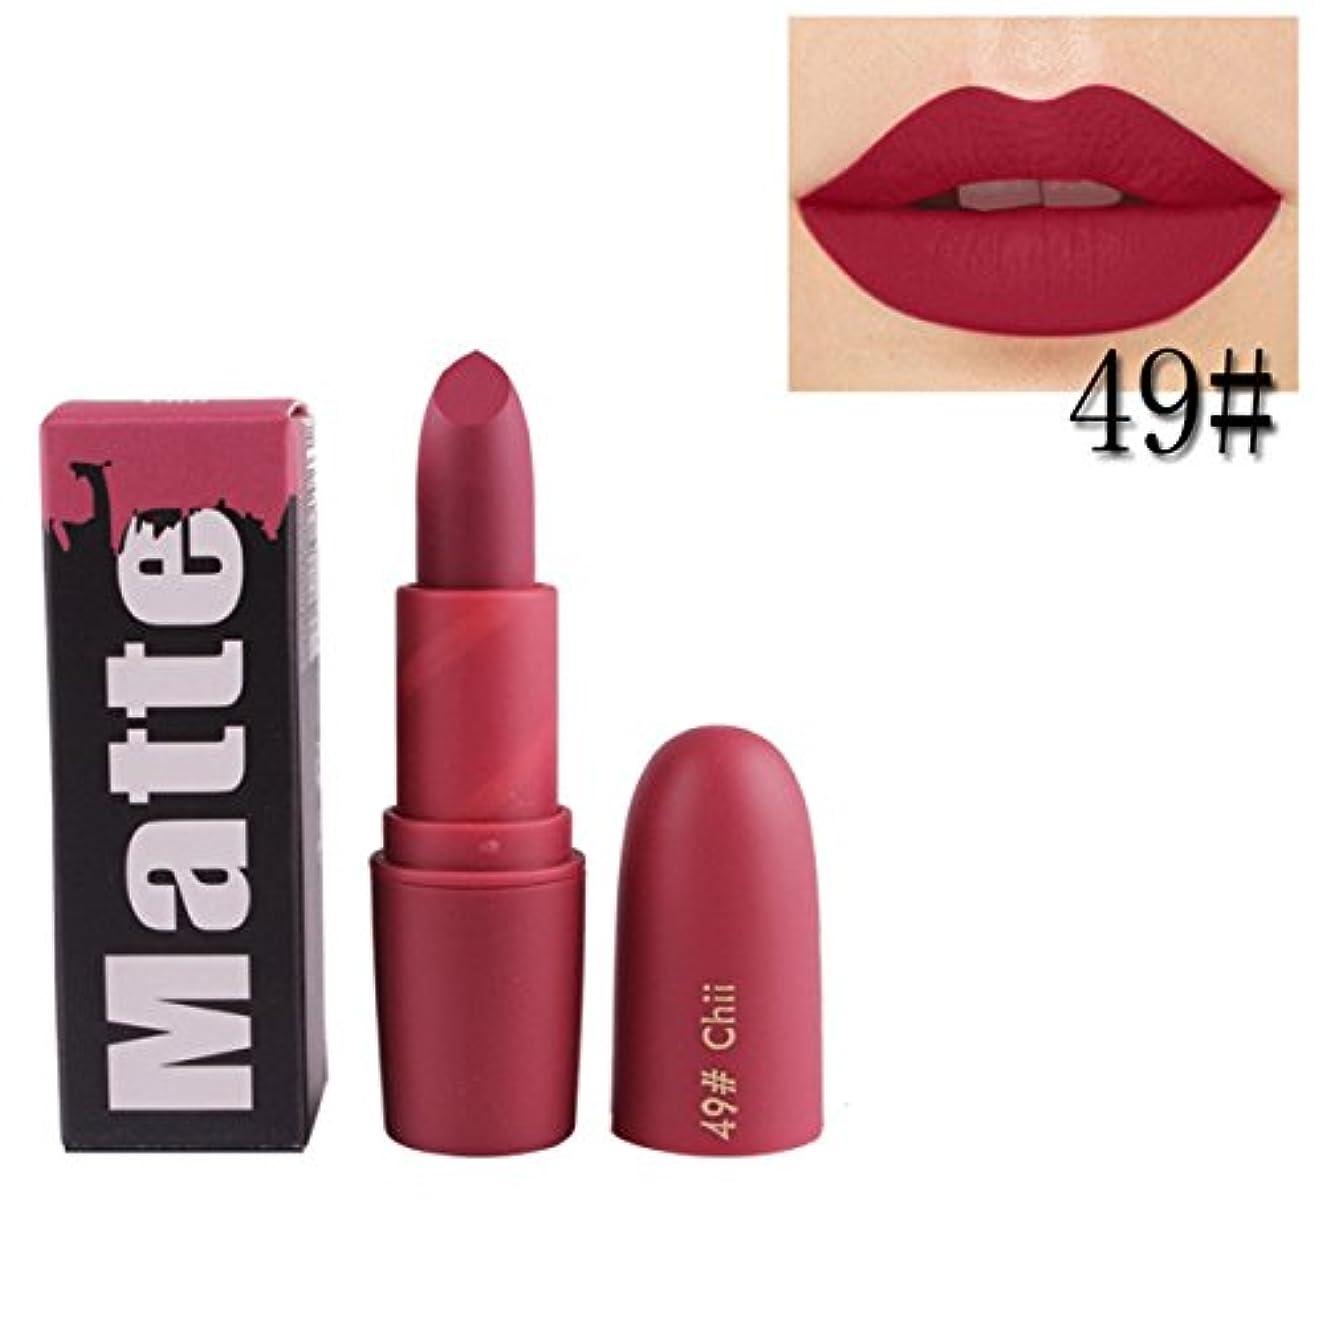 有名な市場誘惑する女性口紅 BOBOGOJP 欧米風 ミストマット リップグロス 18色選択 保湿 持続性 魅力的 リップリップスティック モイスチャライジング リップスティックメイク 恋する唇 おすすめリップスティック (M)